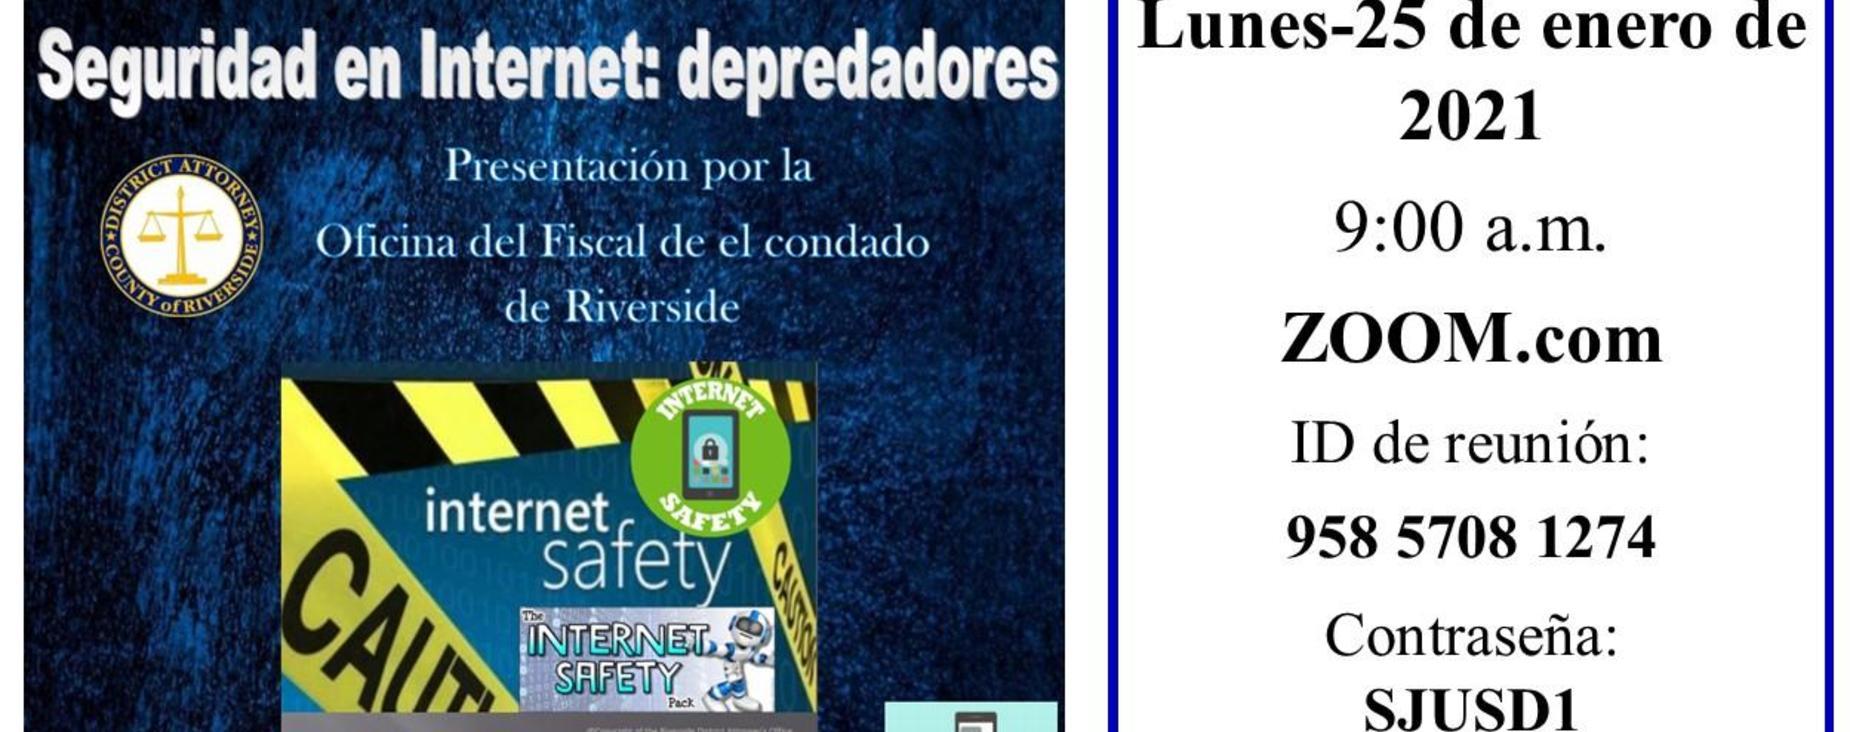 Seguridad en Internet: depredadores Presentacion por la Oficina del Fiscal de el condado de Riverside Lunes-25 de enero de 2021, 9am via Zoom.com